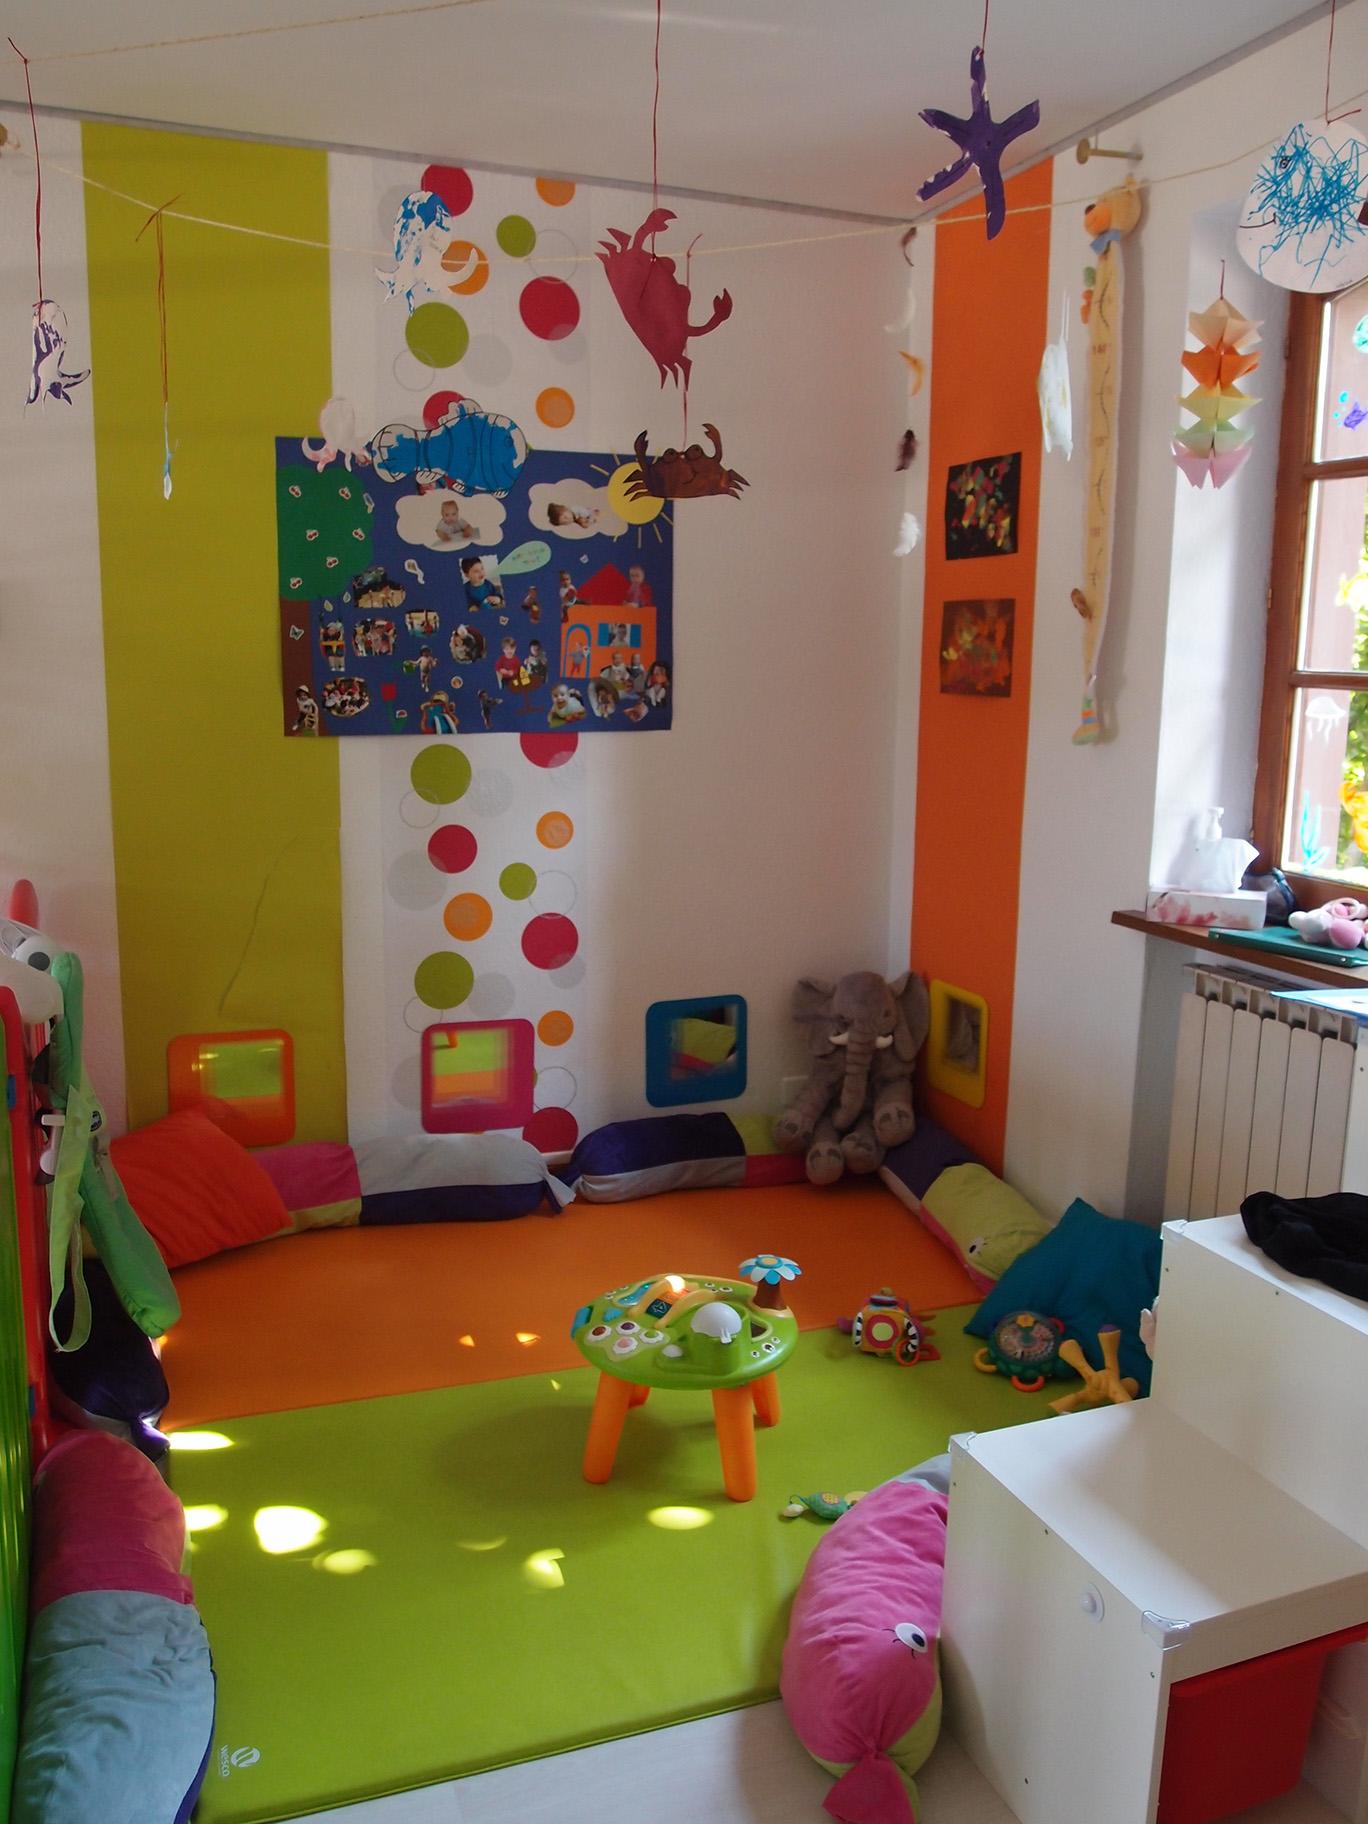 Decorado para aulas de jardin maternal stutzheim offenheim for Decoracion jardin maternal